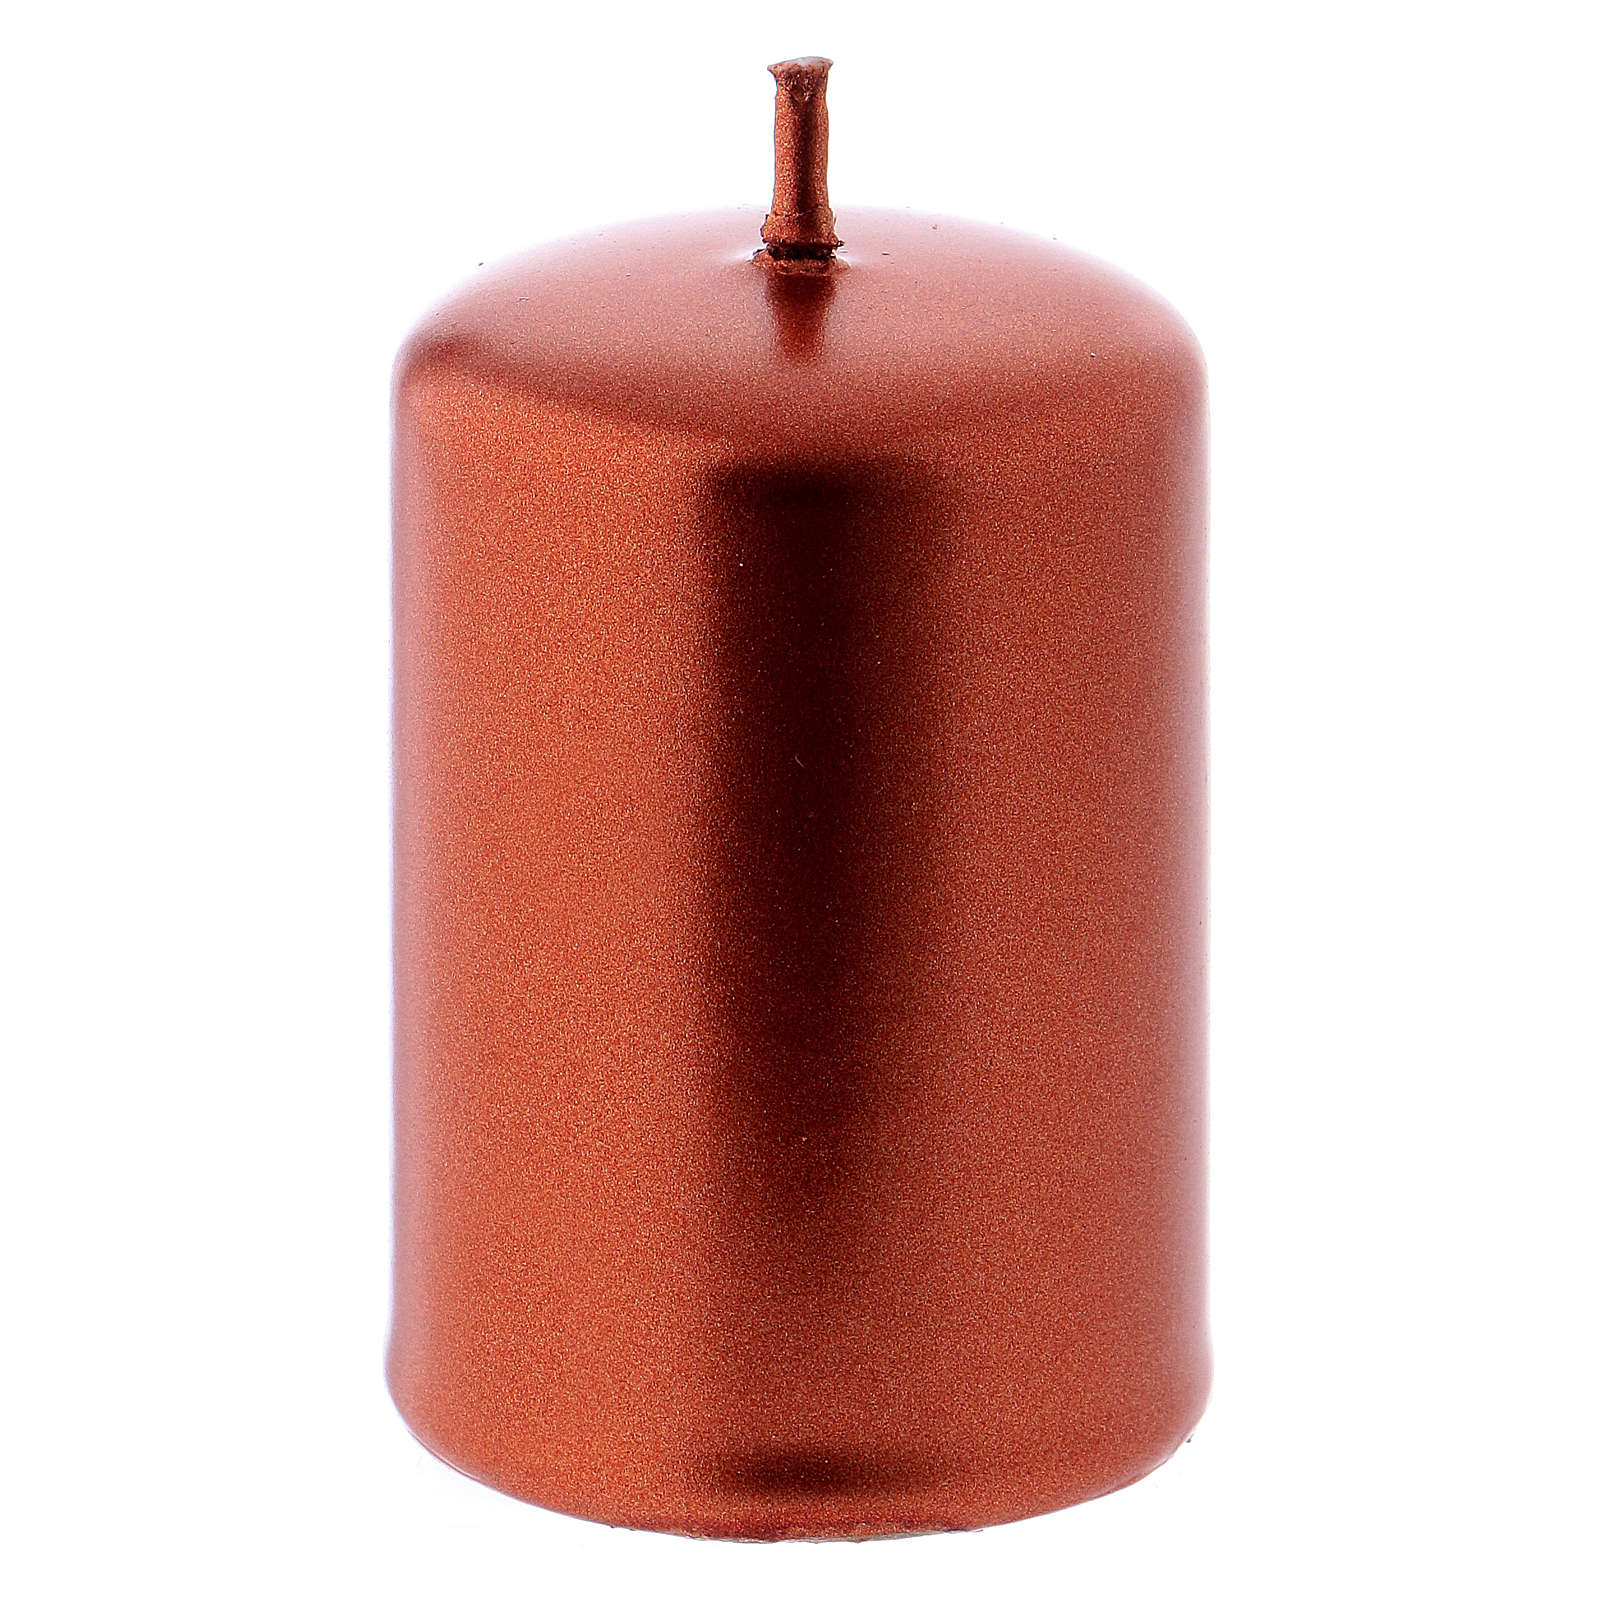 Bougie Noël métal cuivre Ceralacca 4x6 cm 3